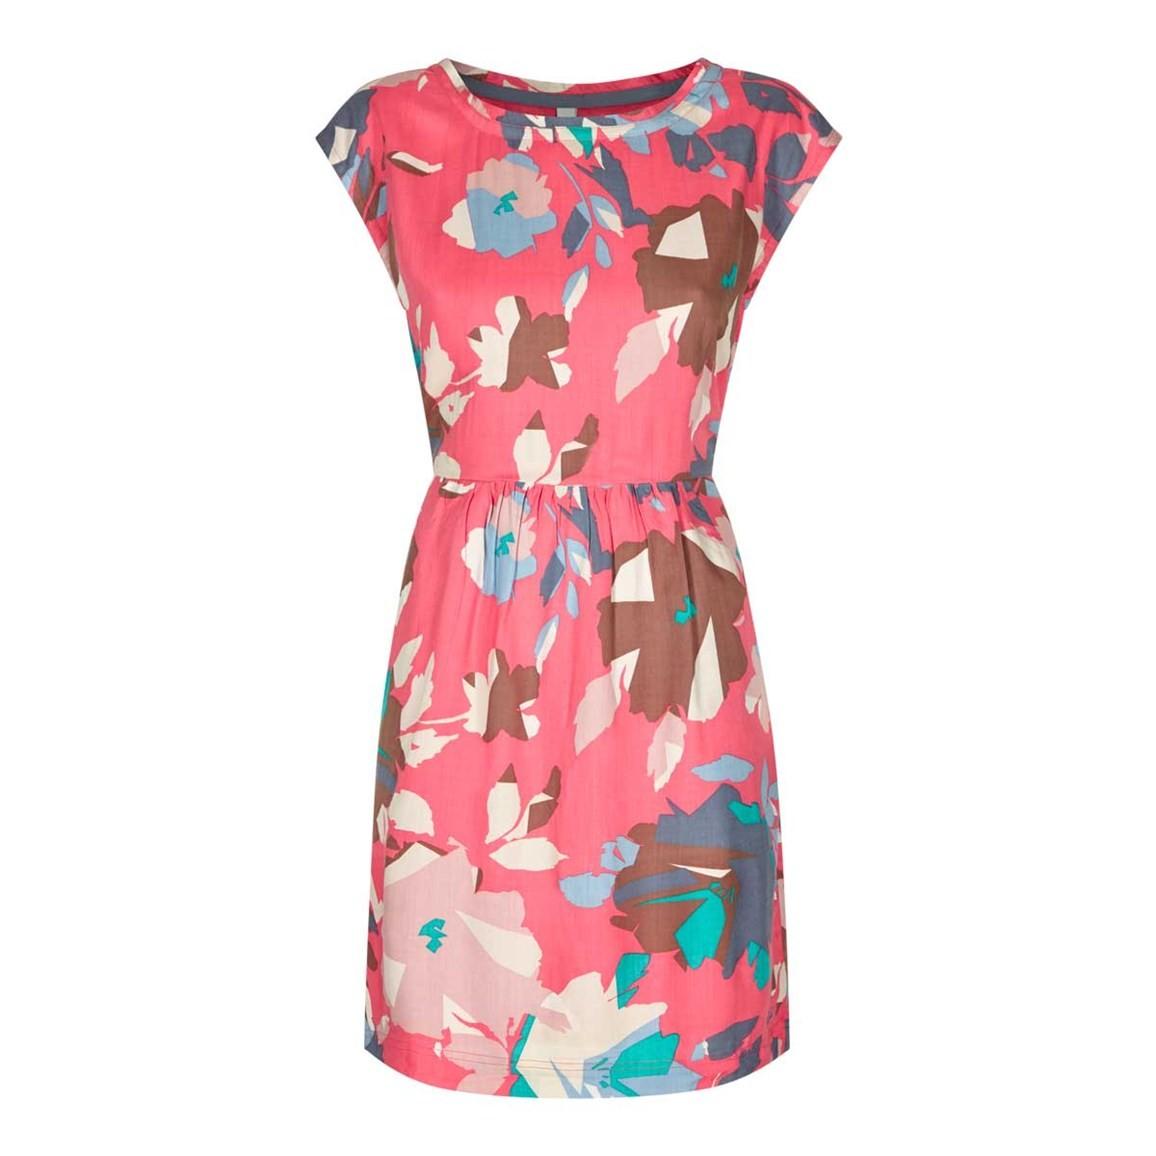 Weird Fish Minnihaha Printed Lightweight Dress Hot Pink